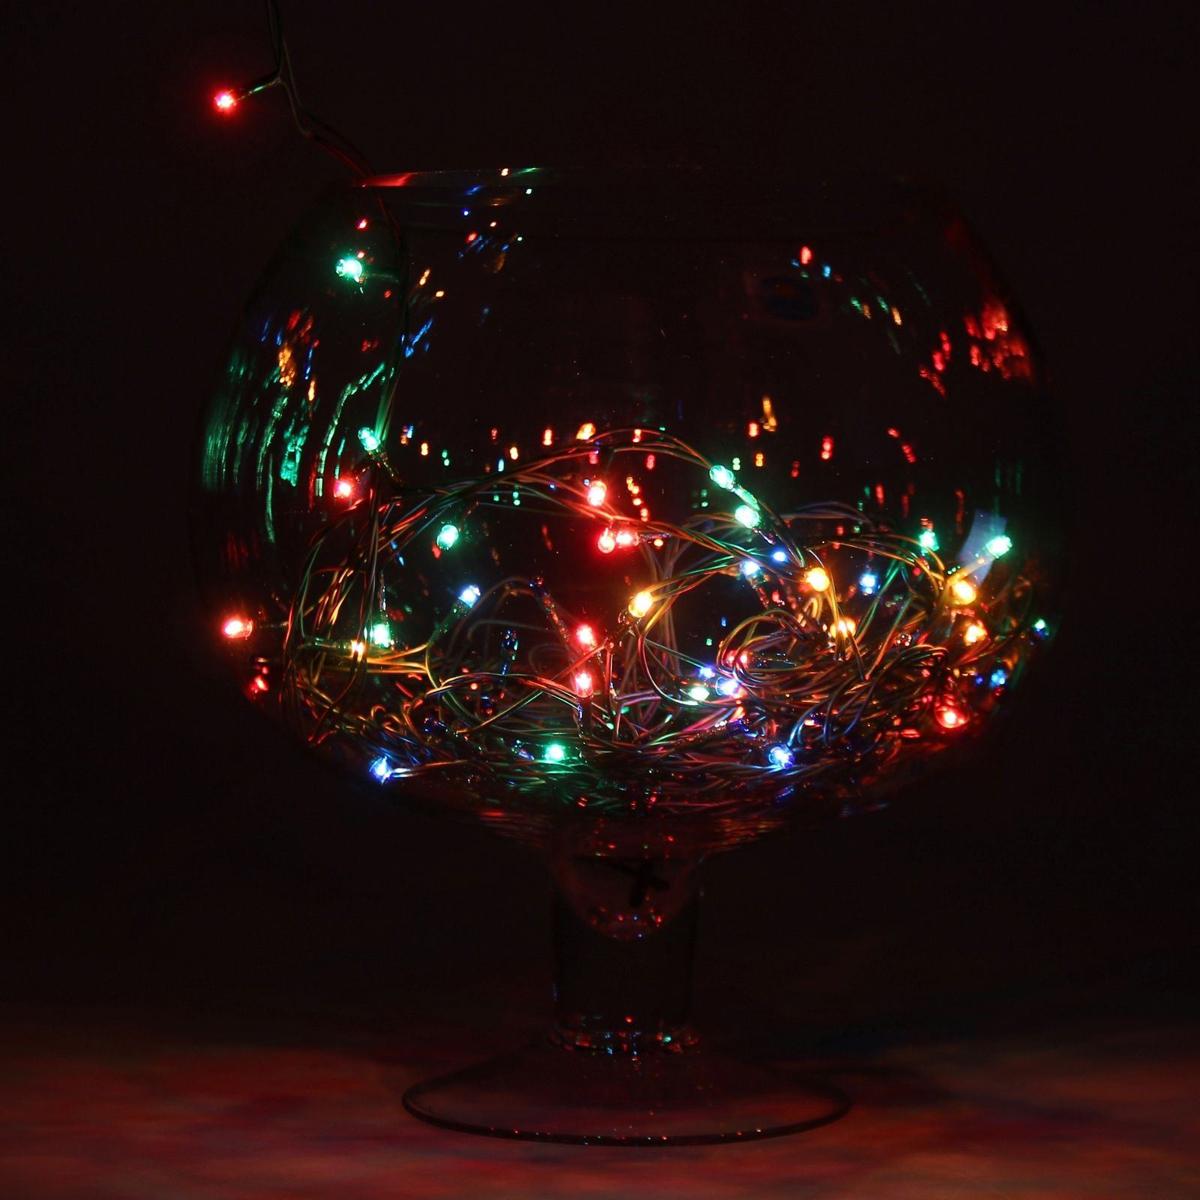 Гирлянда светодиодная Luazon Метраж, цвет: мультиколор, 50 ламп, 8 режимов, 220 V, длина 3,5 м670992Светодиодные гирлянды и ленты — это отличный вариант для новогоднего оформления интерьера или фасада. С их помощью помещение любого размера можно превратить в праздничный зал, а внешние элементы зданий, украшенные ими, мгновенно станут напоминать очертания сказочного дворца. Такие украшения создают ауру предвкушения чуда. Деревья, фасады, витрины, окна и арки будто специально созданы, чтобы вы украсили их светящимися нитями.